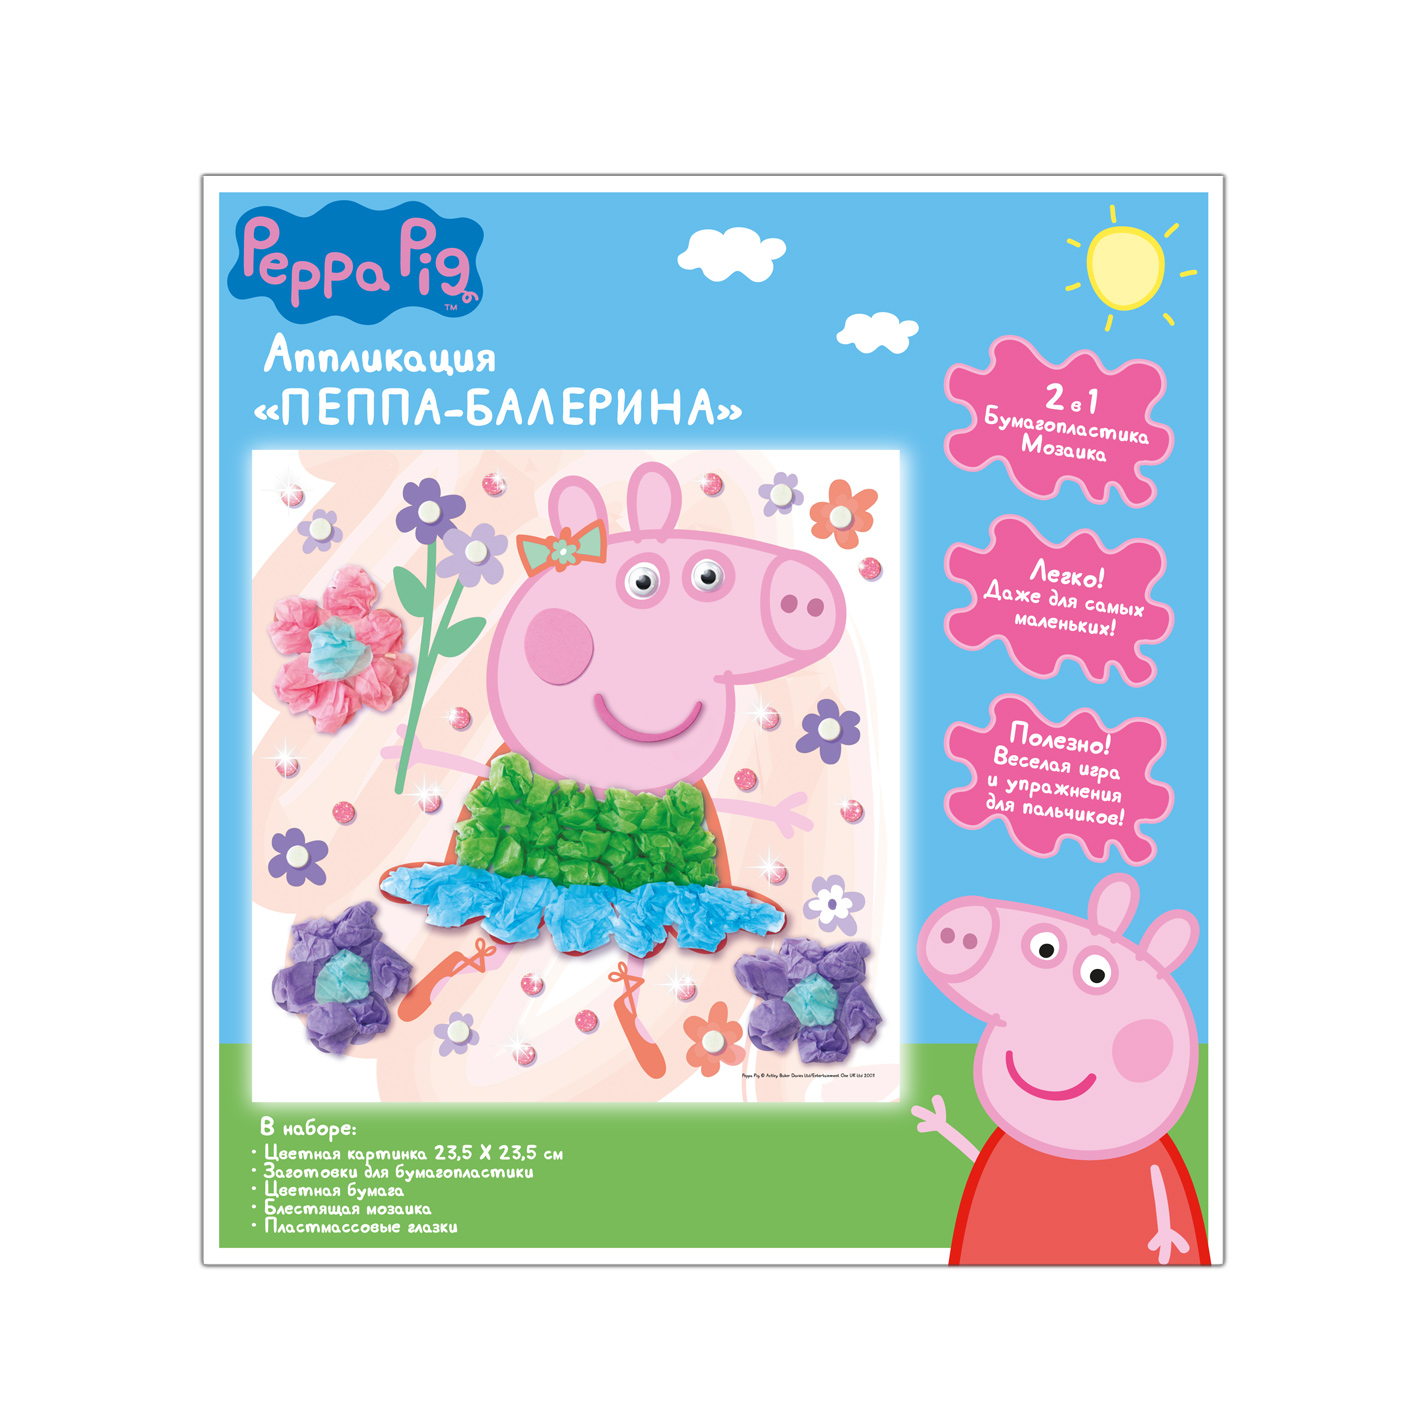 Аппликация - Пеппа Балерина с мозаикойСвинка Пеппа (Peppa Pig )<br>Аппликация - Пеппа Балерина с мозаикой<br>